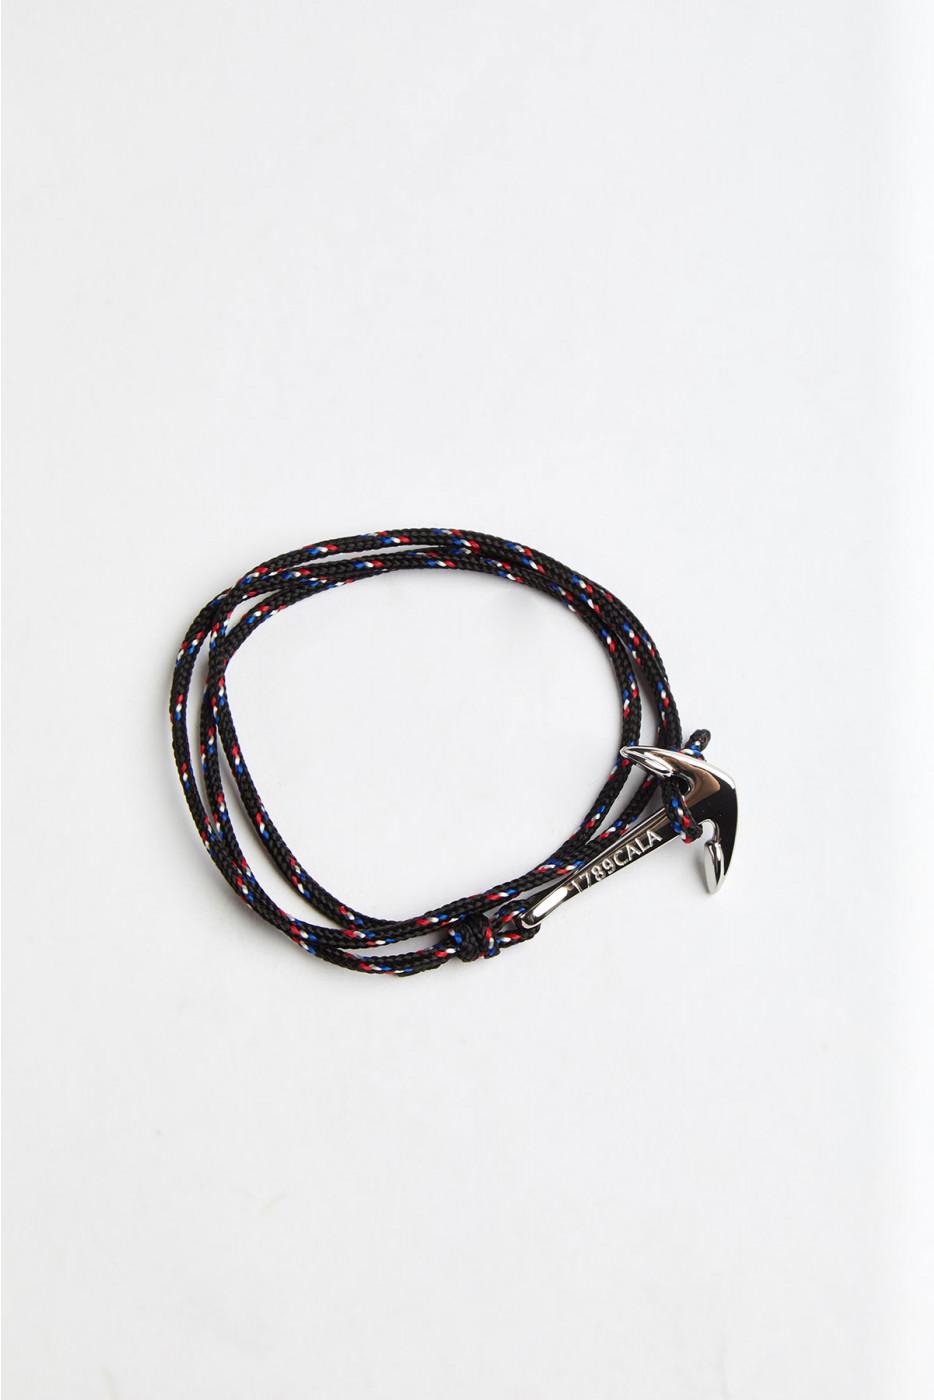 Bracelet Corde Noir - Ancre ANCRE BRACELET